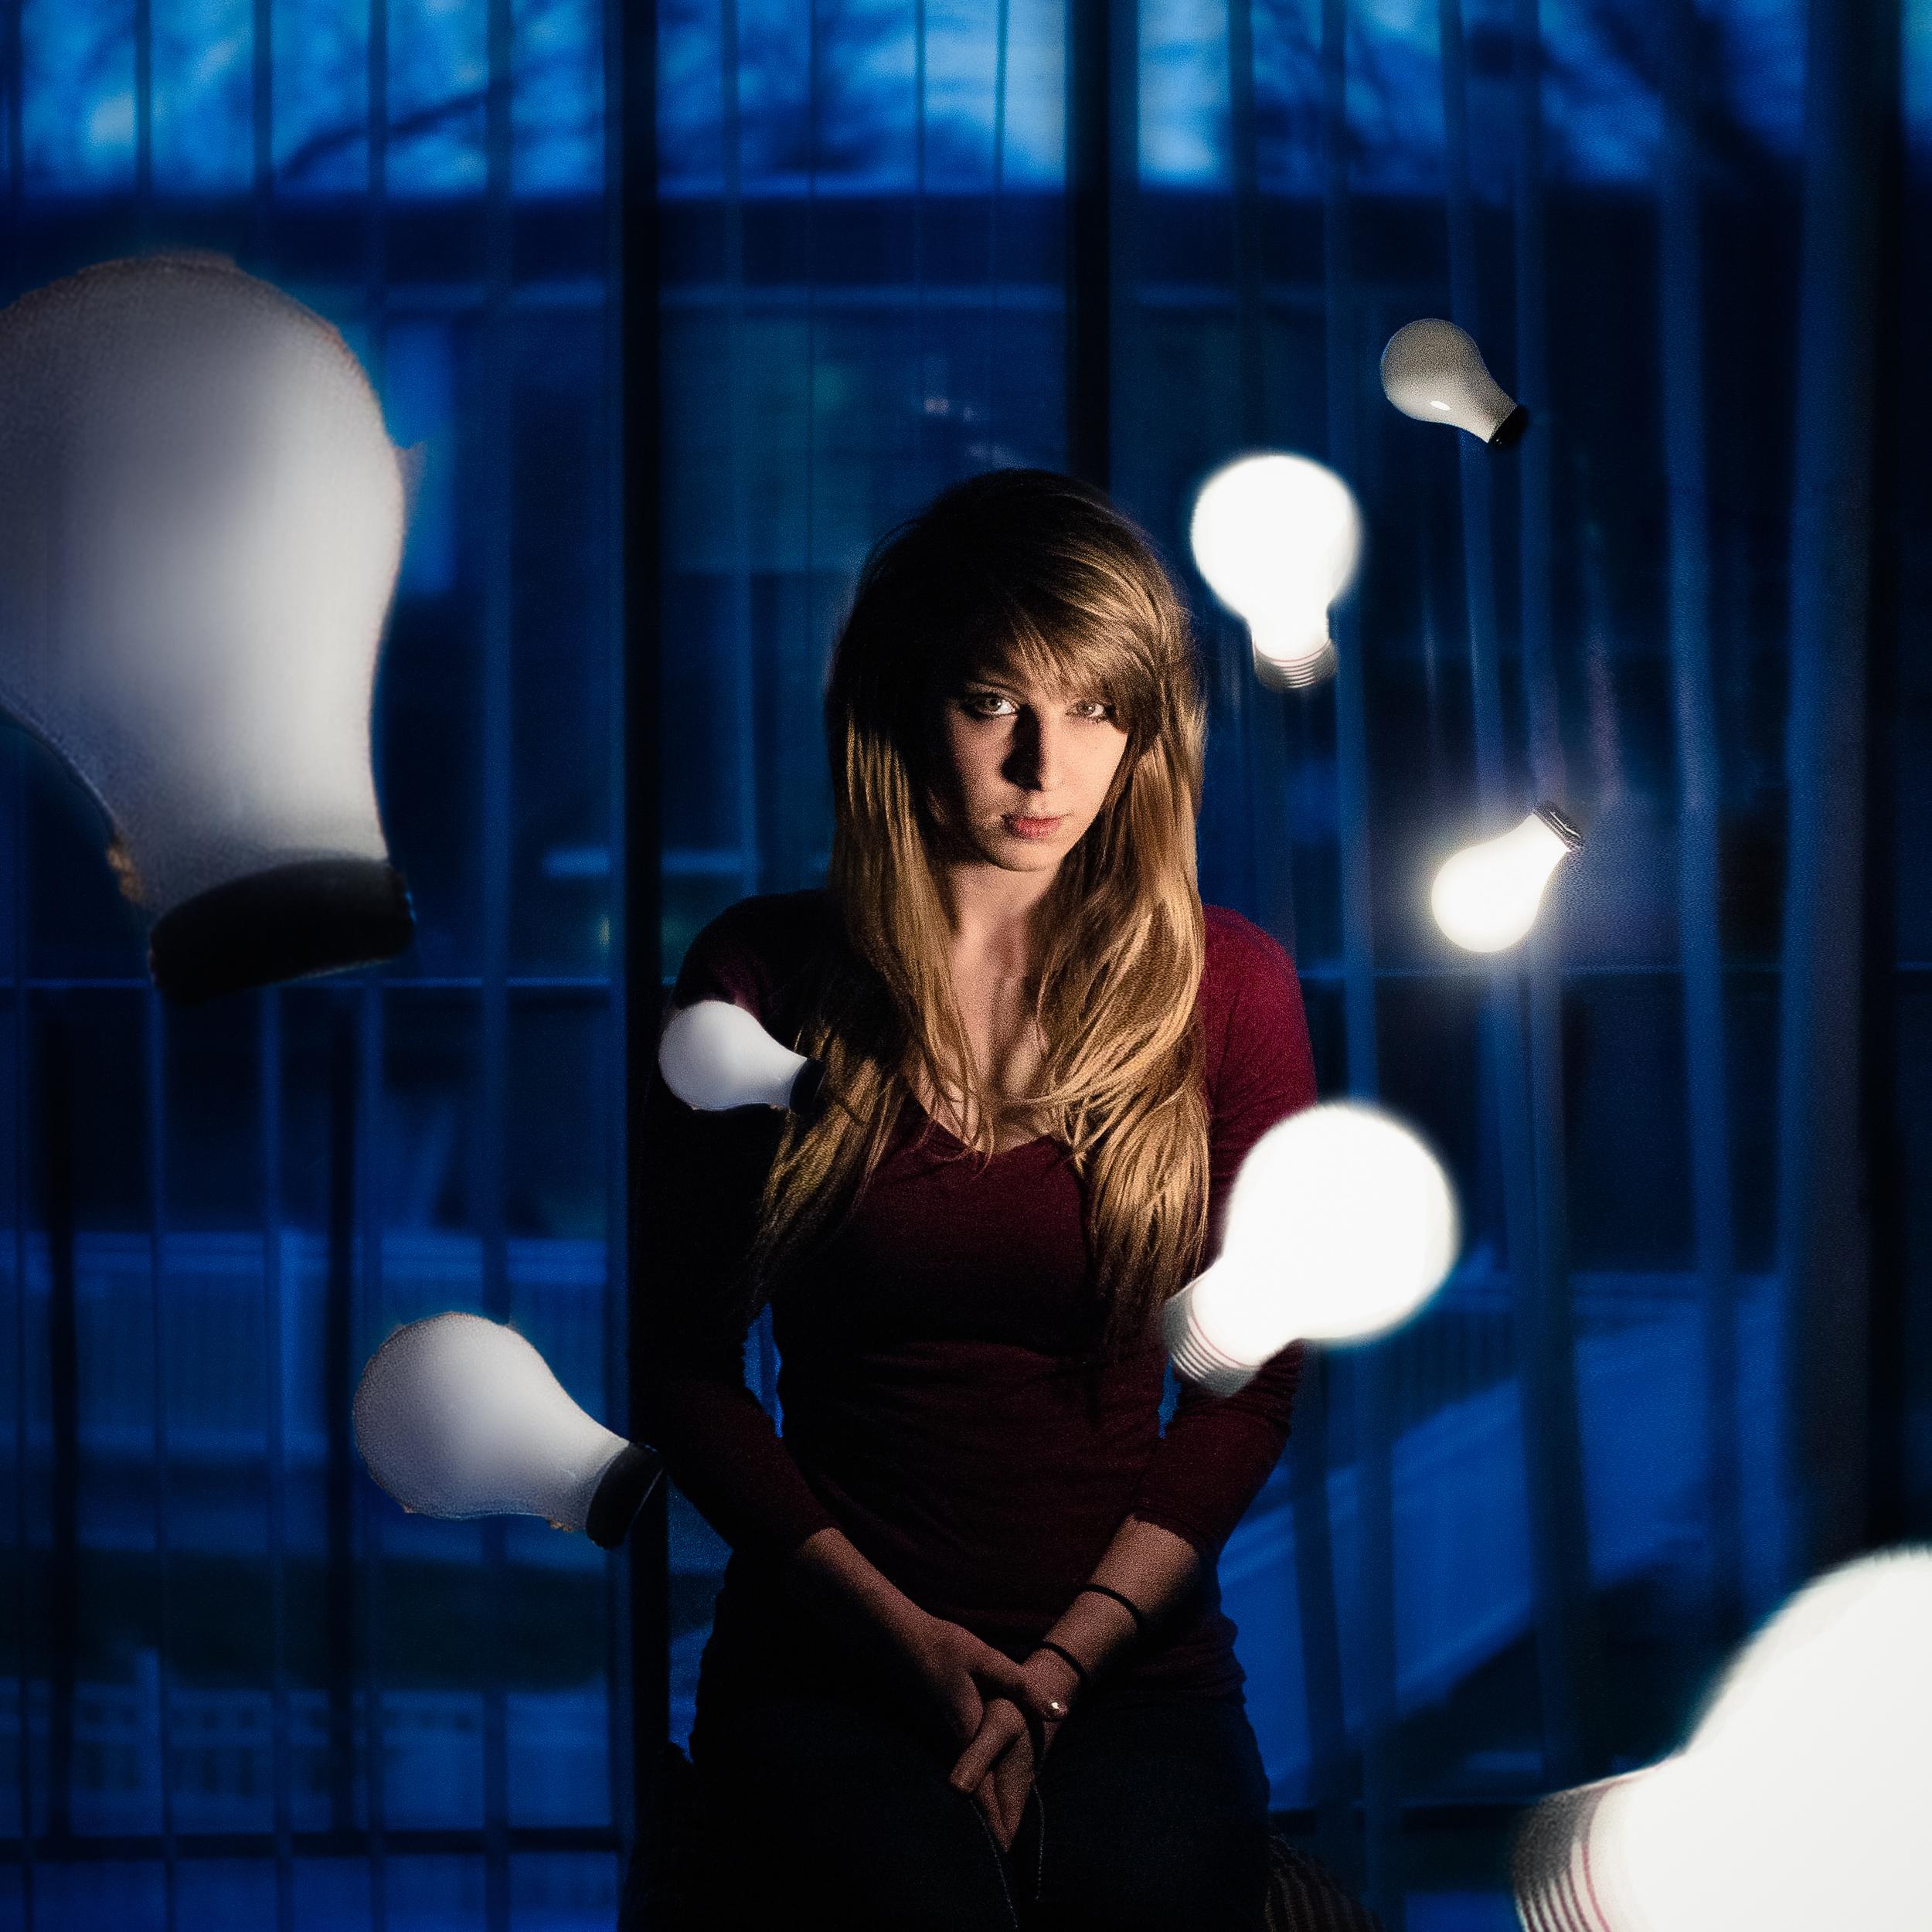 emily wilson photography light bulbs (2).jpg